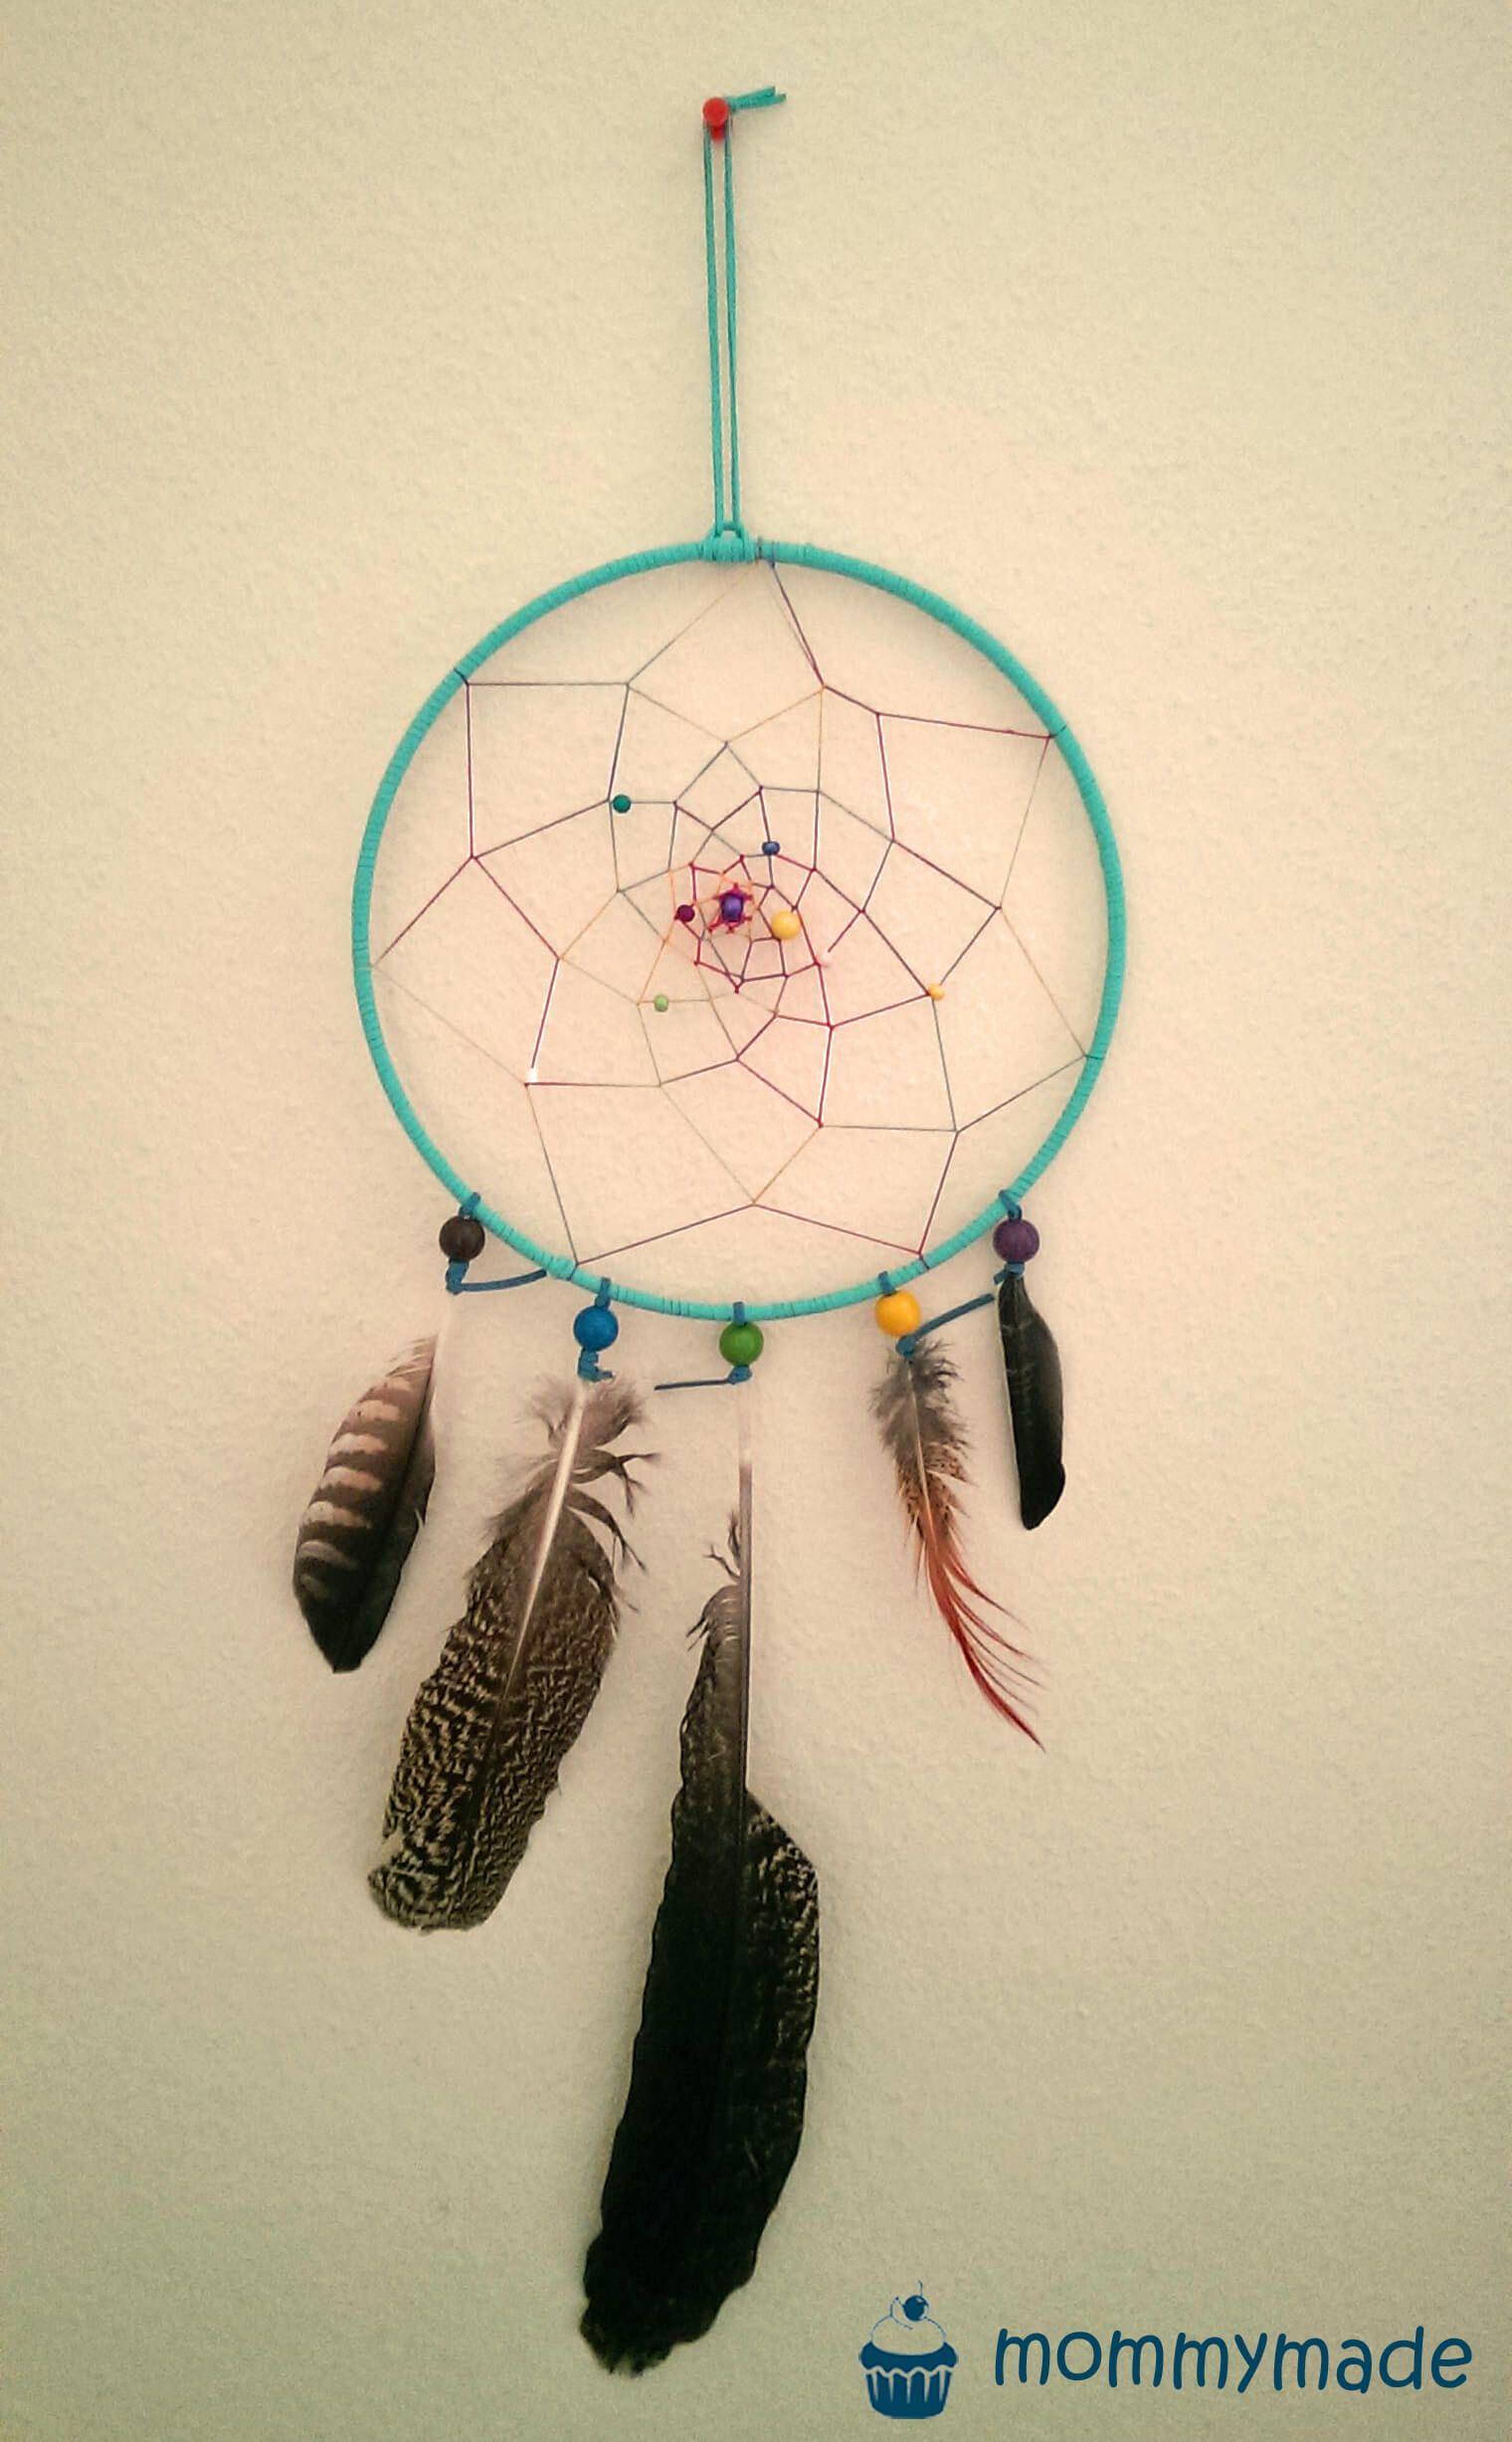 Magie & Hexerei Bastelset Traumfänger bunt 10 Stück Dreamcatcher Indianer Federn Perlen